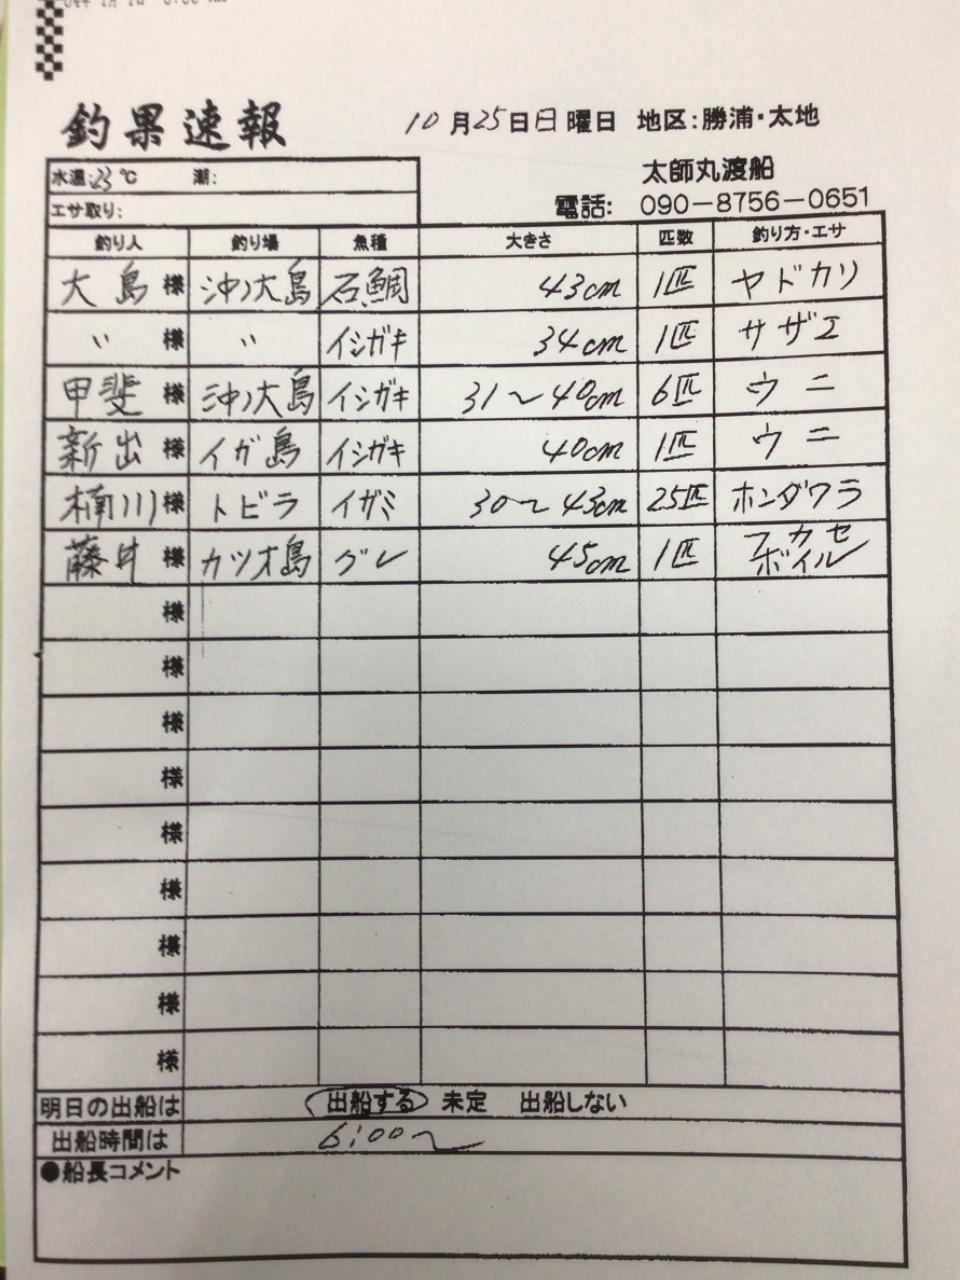 10/25 太地・太師丸渡船さん釣果 | 南紀和歌山 渡船・ダービーの最新 ...